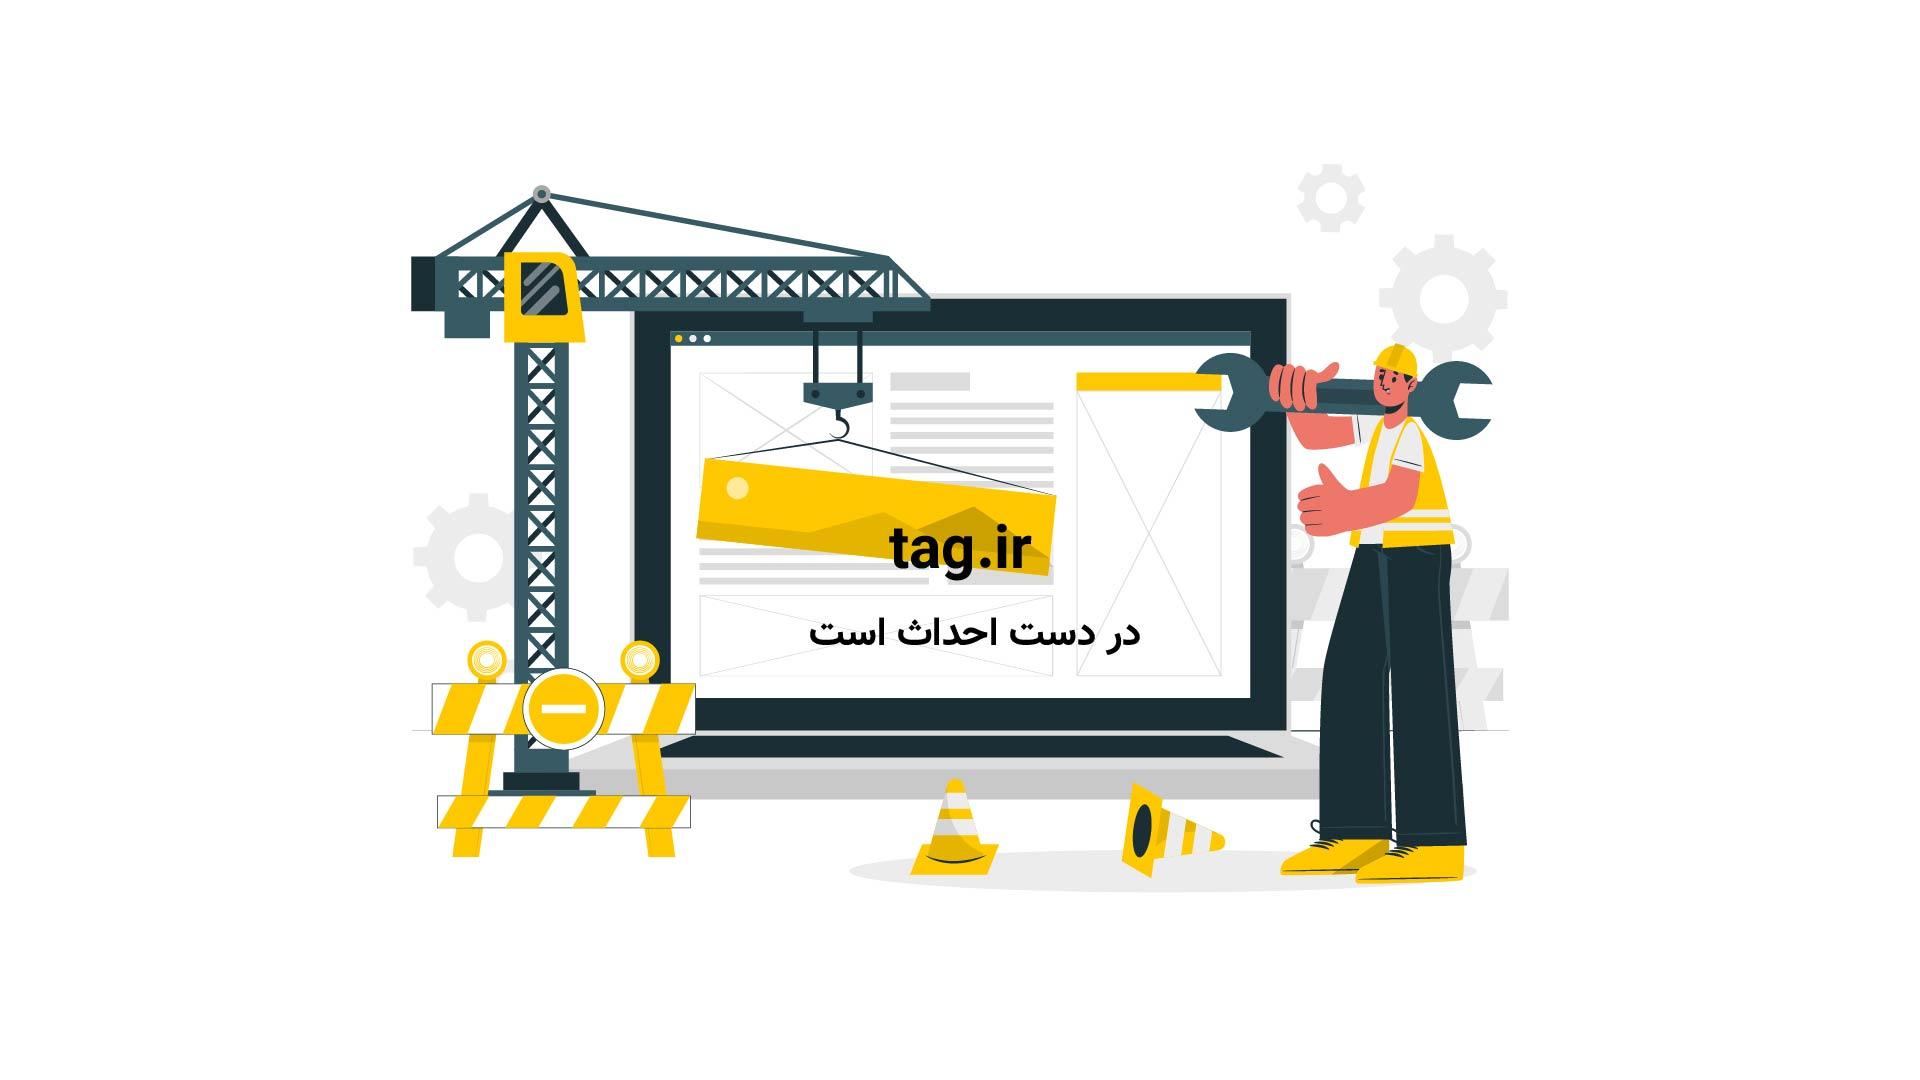 حمید بقایی | تگ